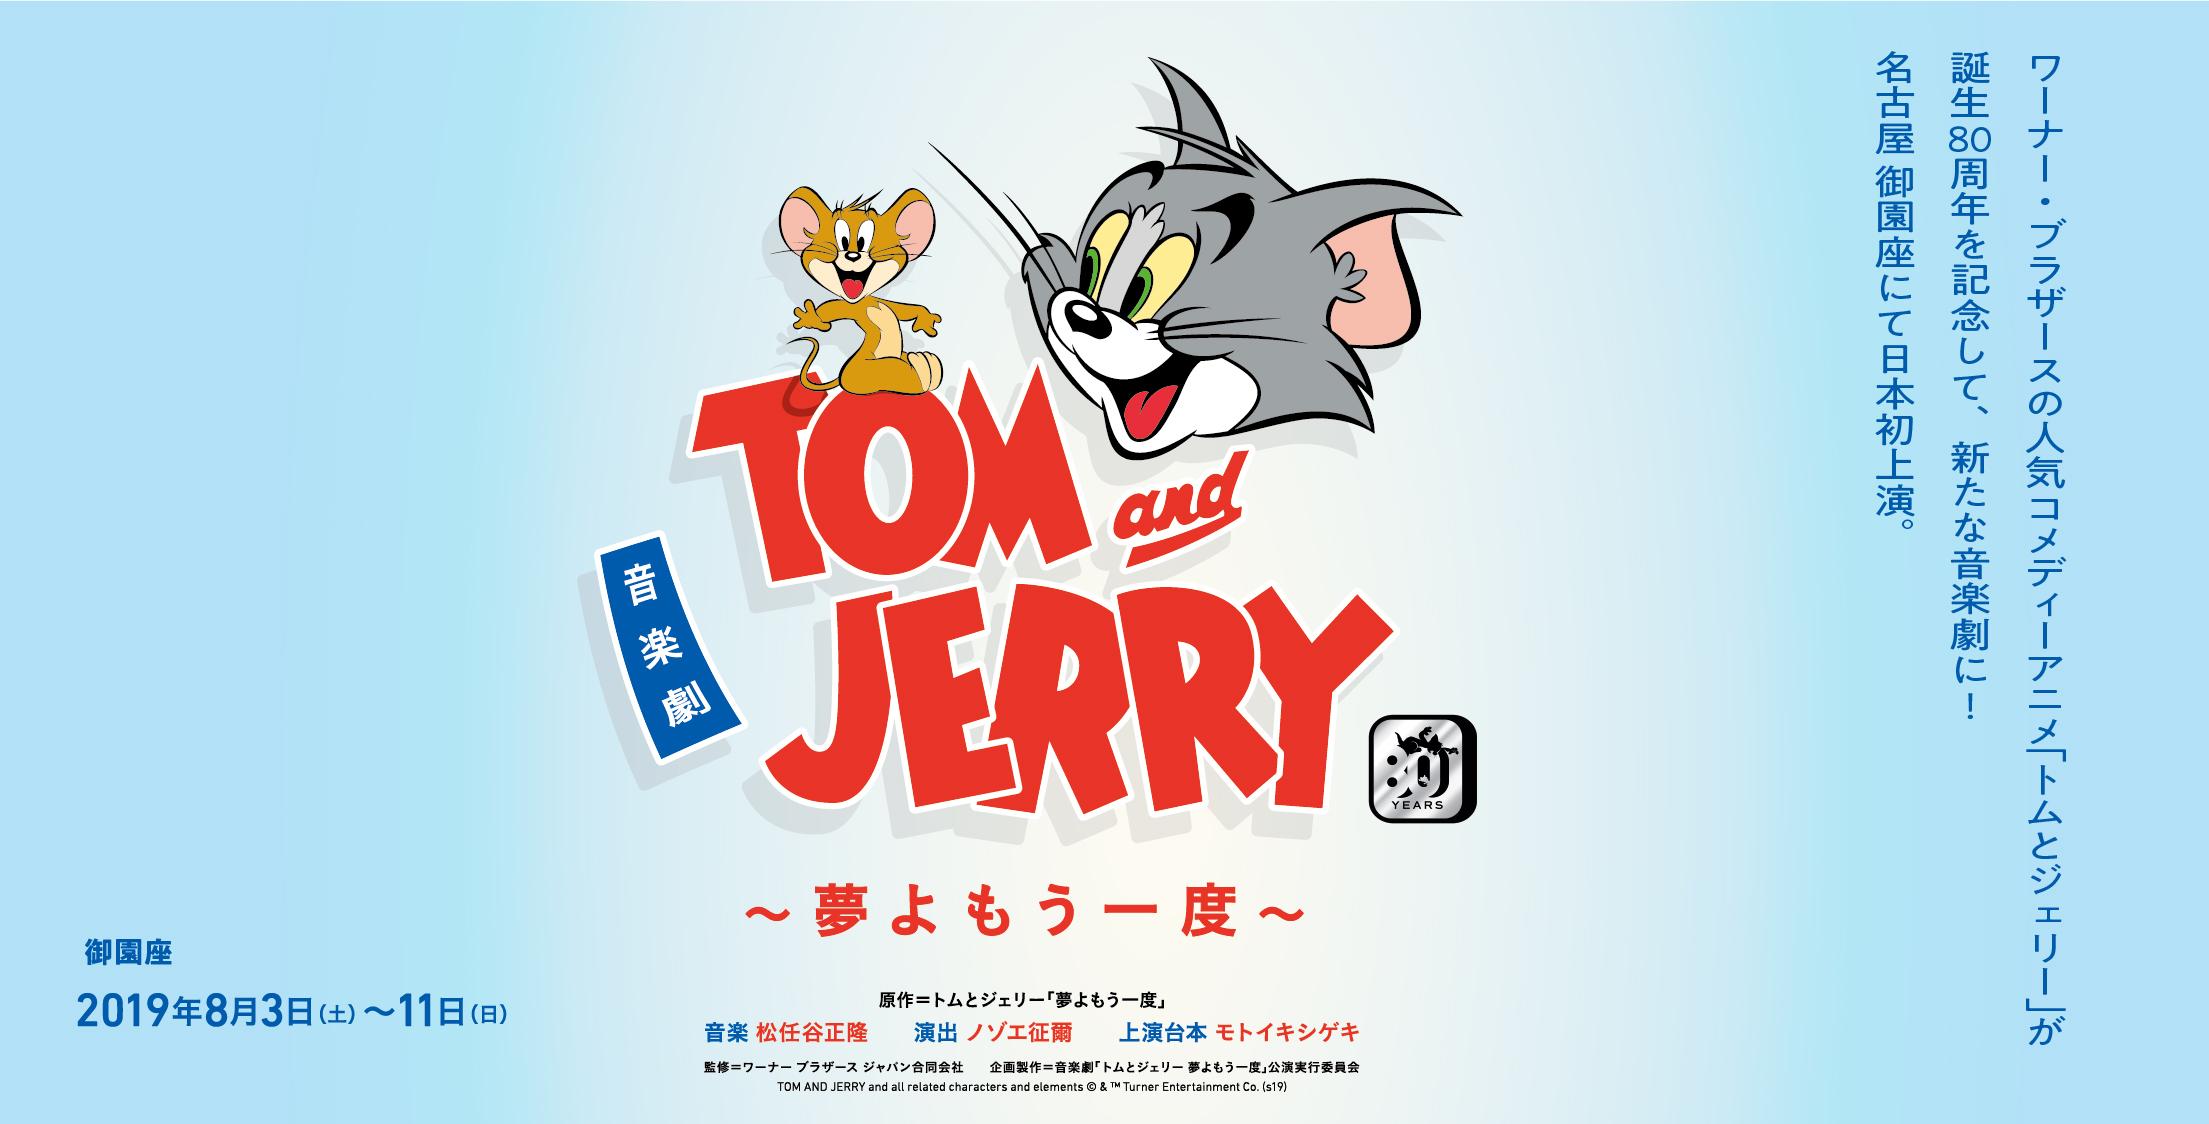 「トムとジェリー 夢よもう一度」